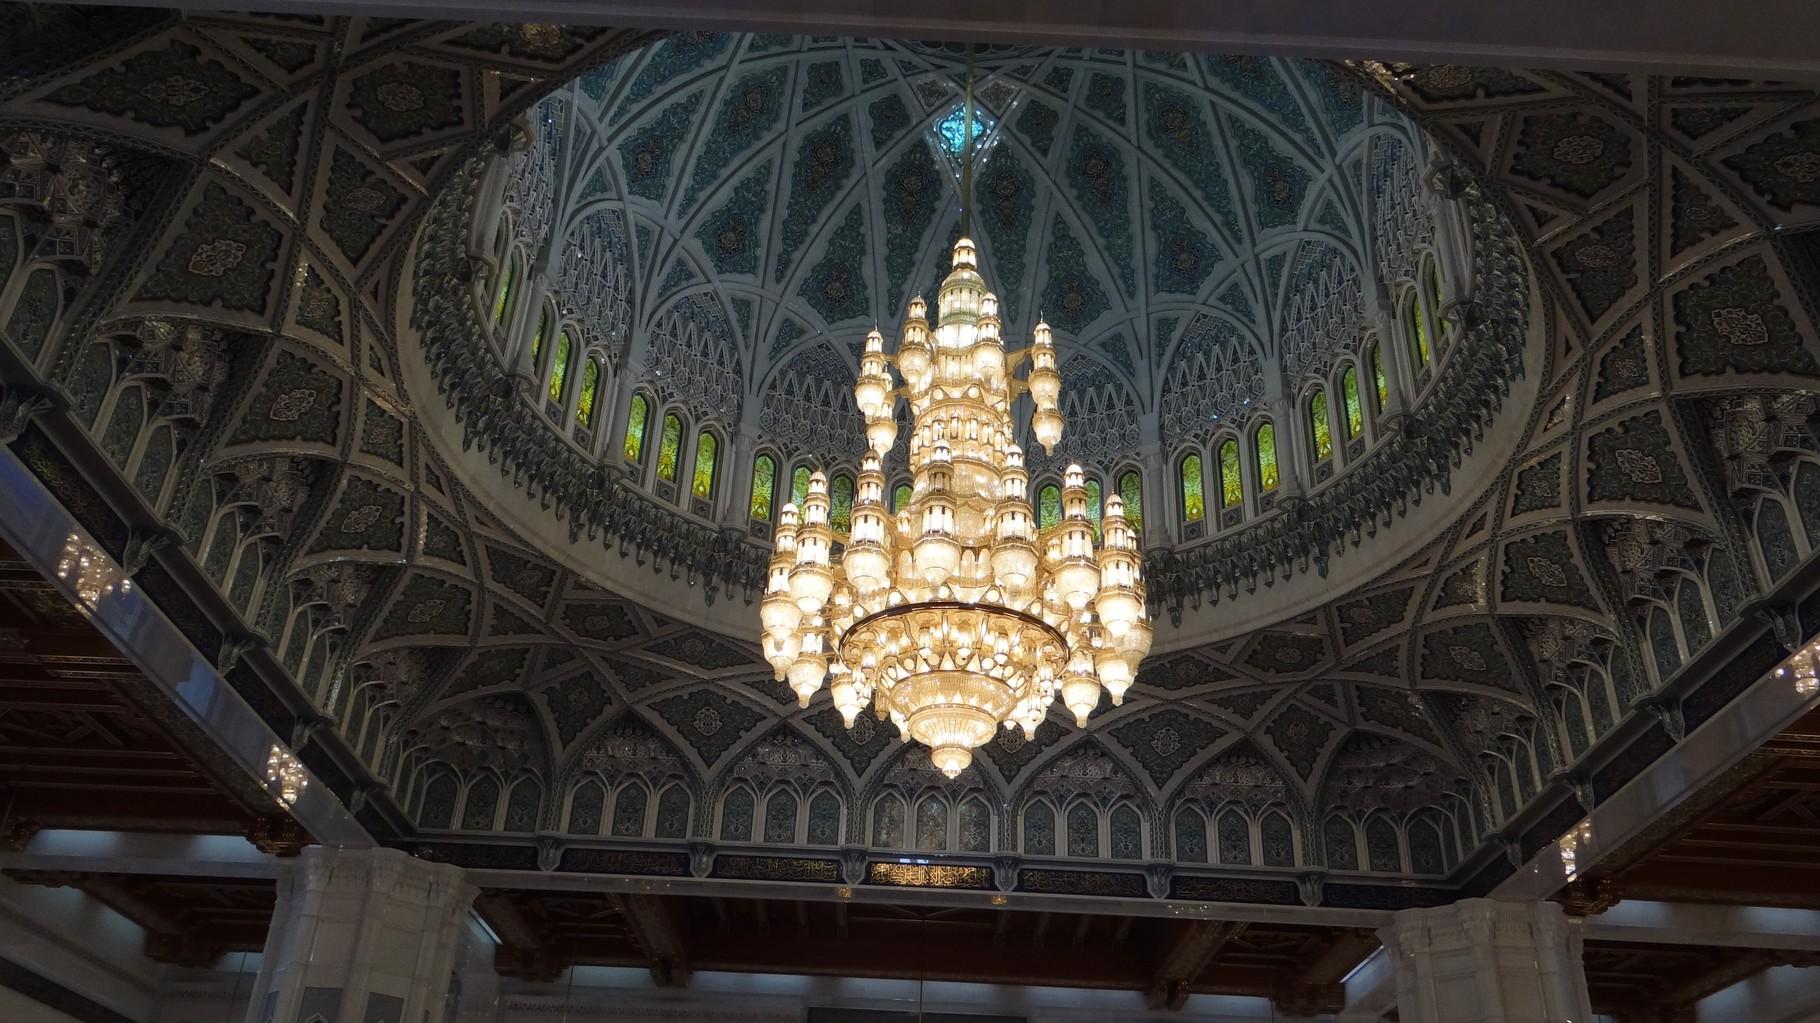 Der riesige mit Swarovski-Kristallen versetzte Kronleuchter in der Moschee